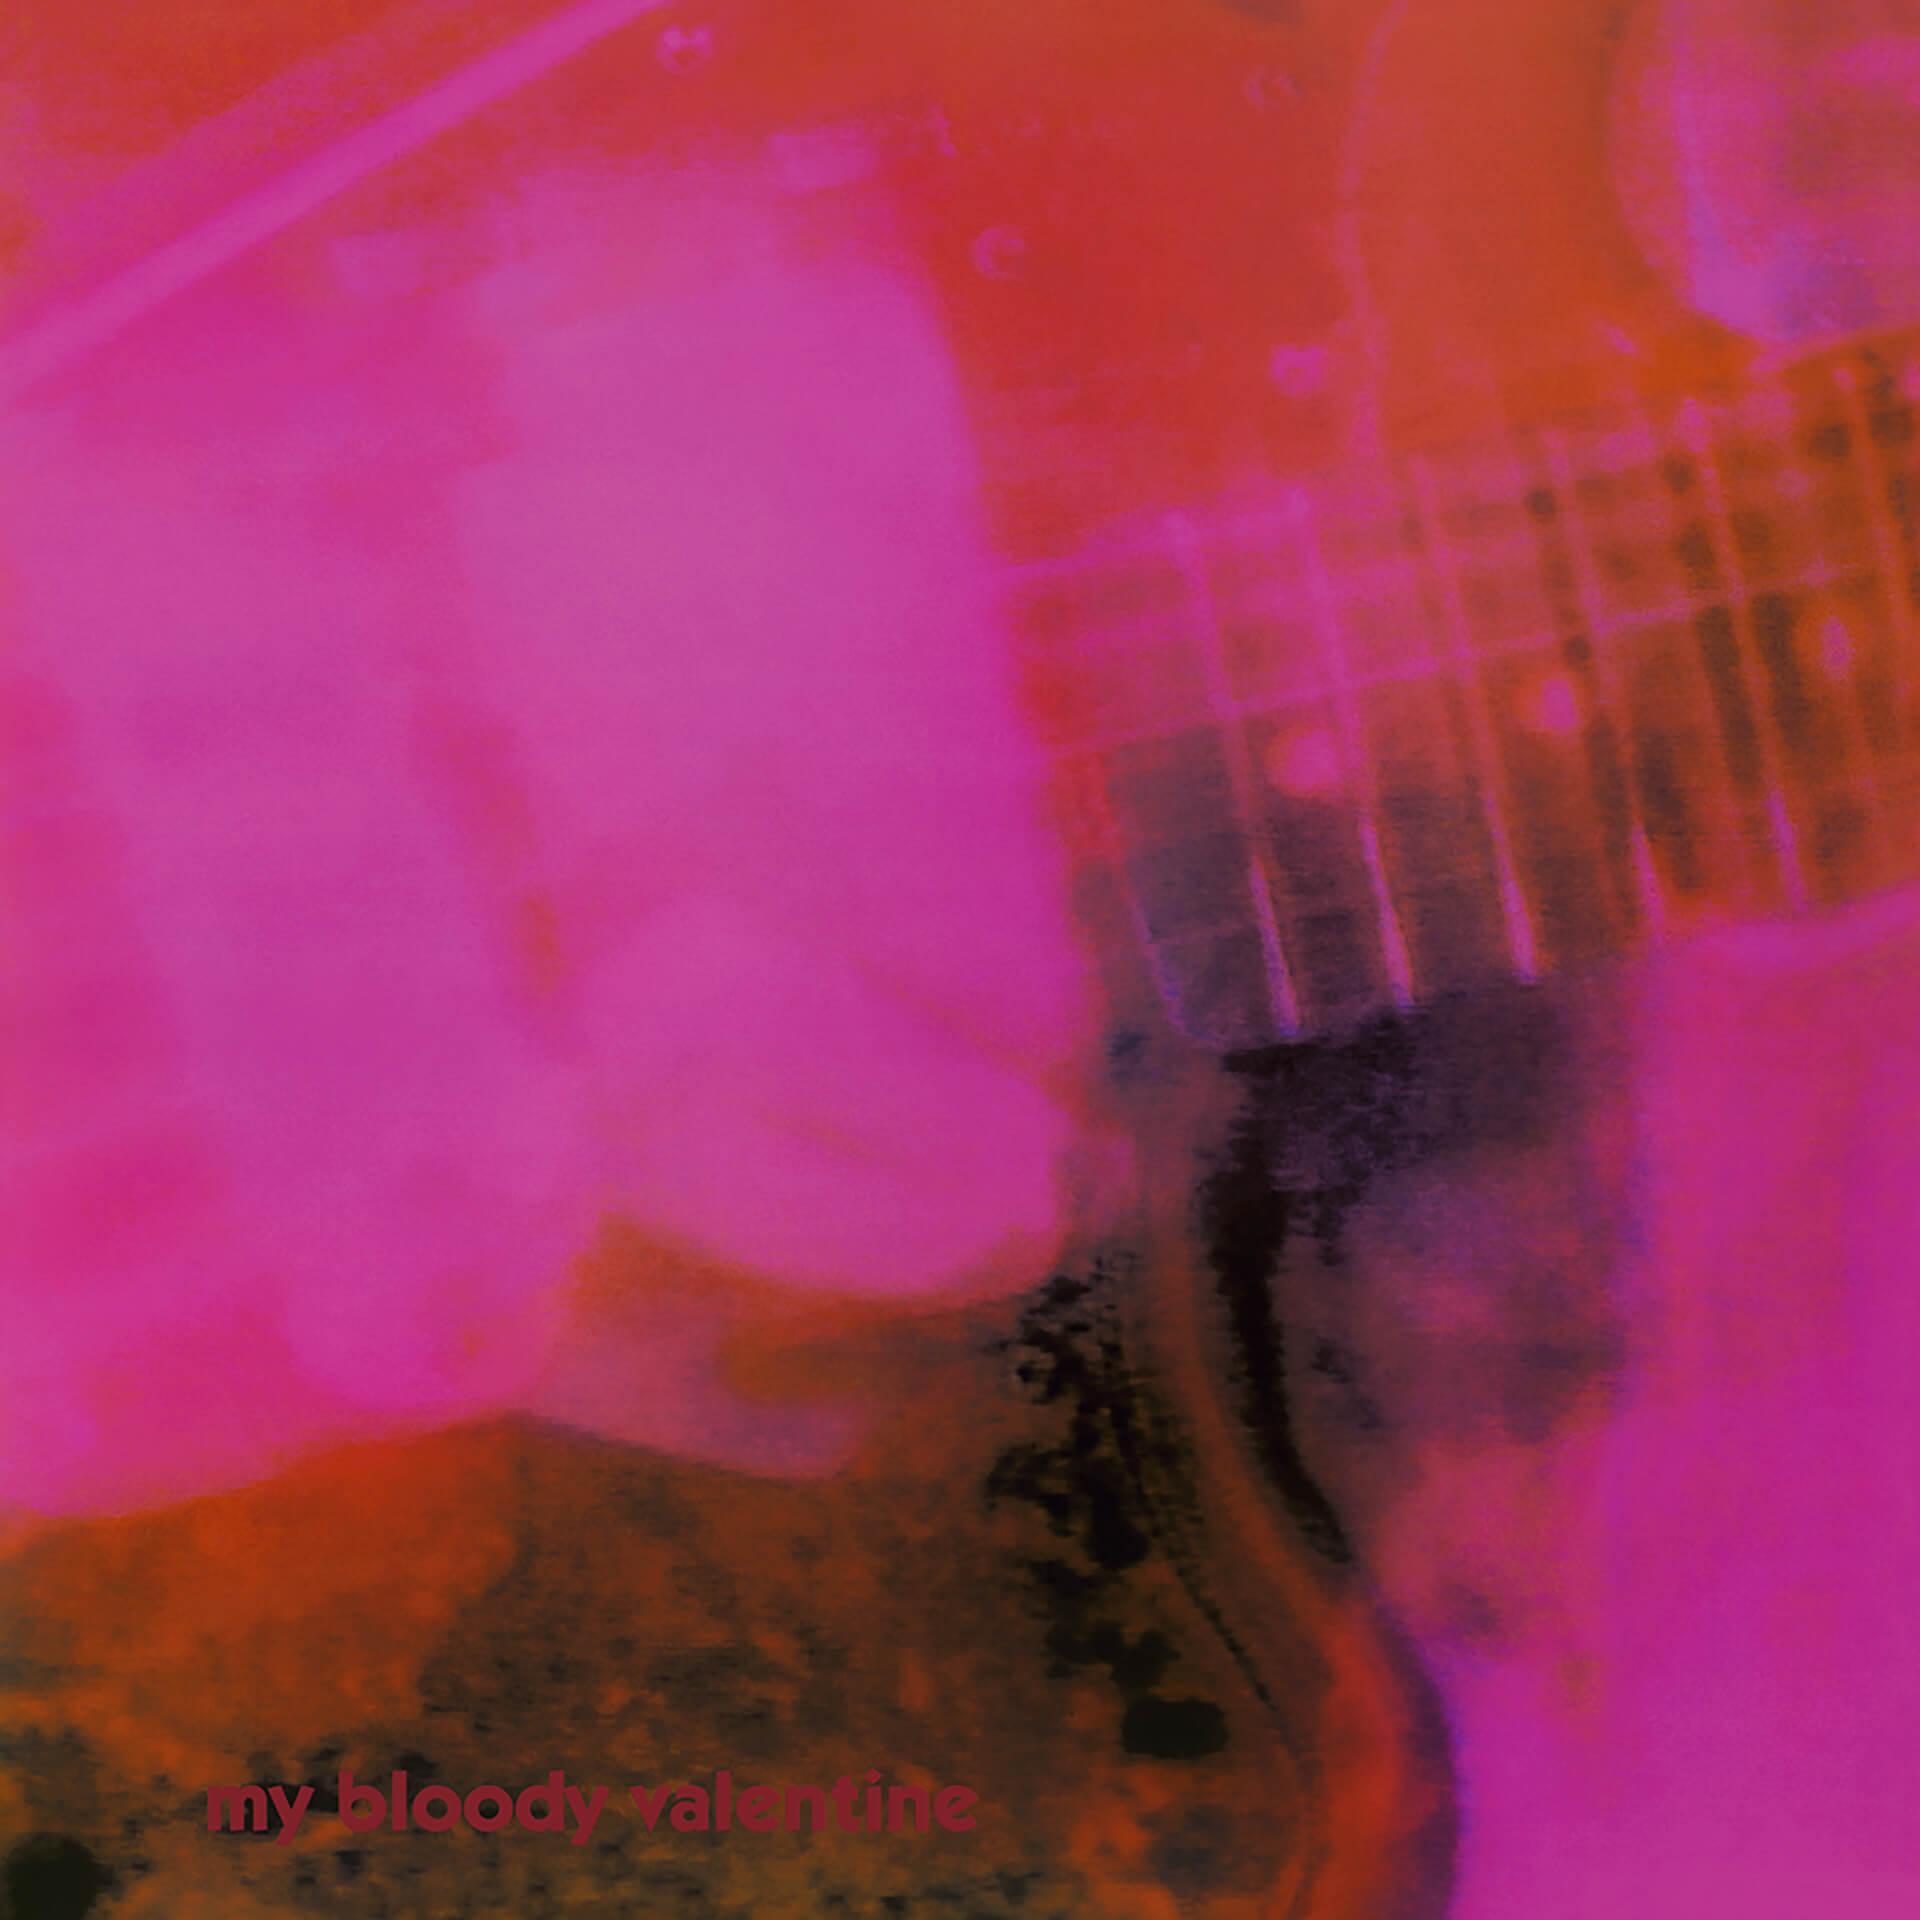 待望のサブスク解禁で話題のMy Bloody Valentineが英ラジオ局にて特別放送をキュレーション!5月には新装盤CDとLPの再発も music210413_mybloodyvalentine-210413_15